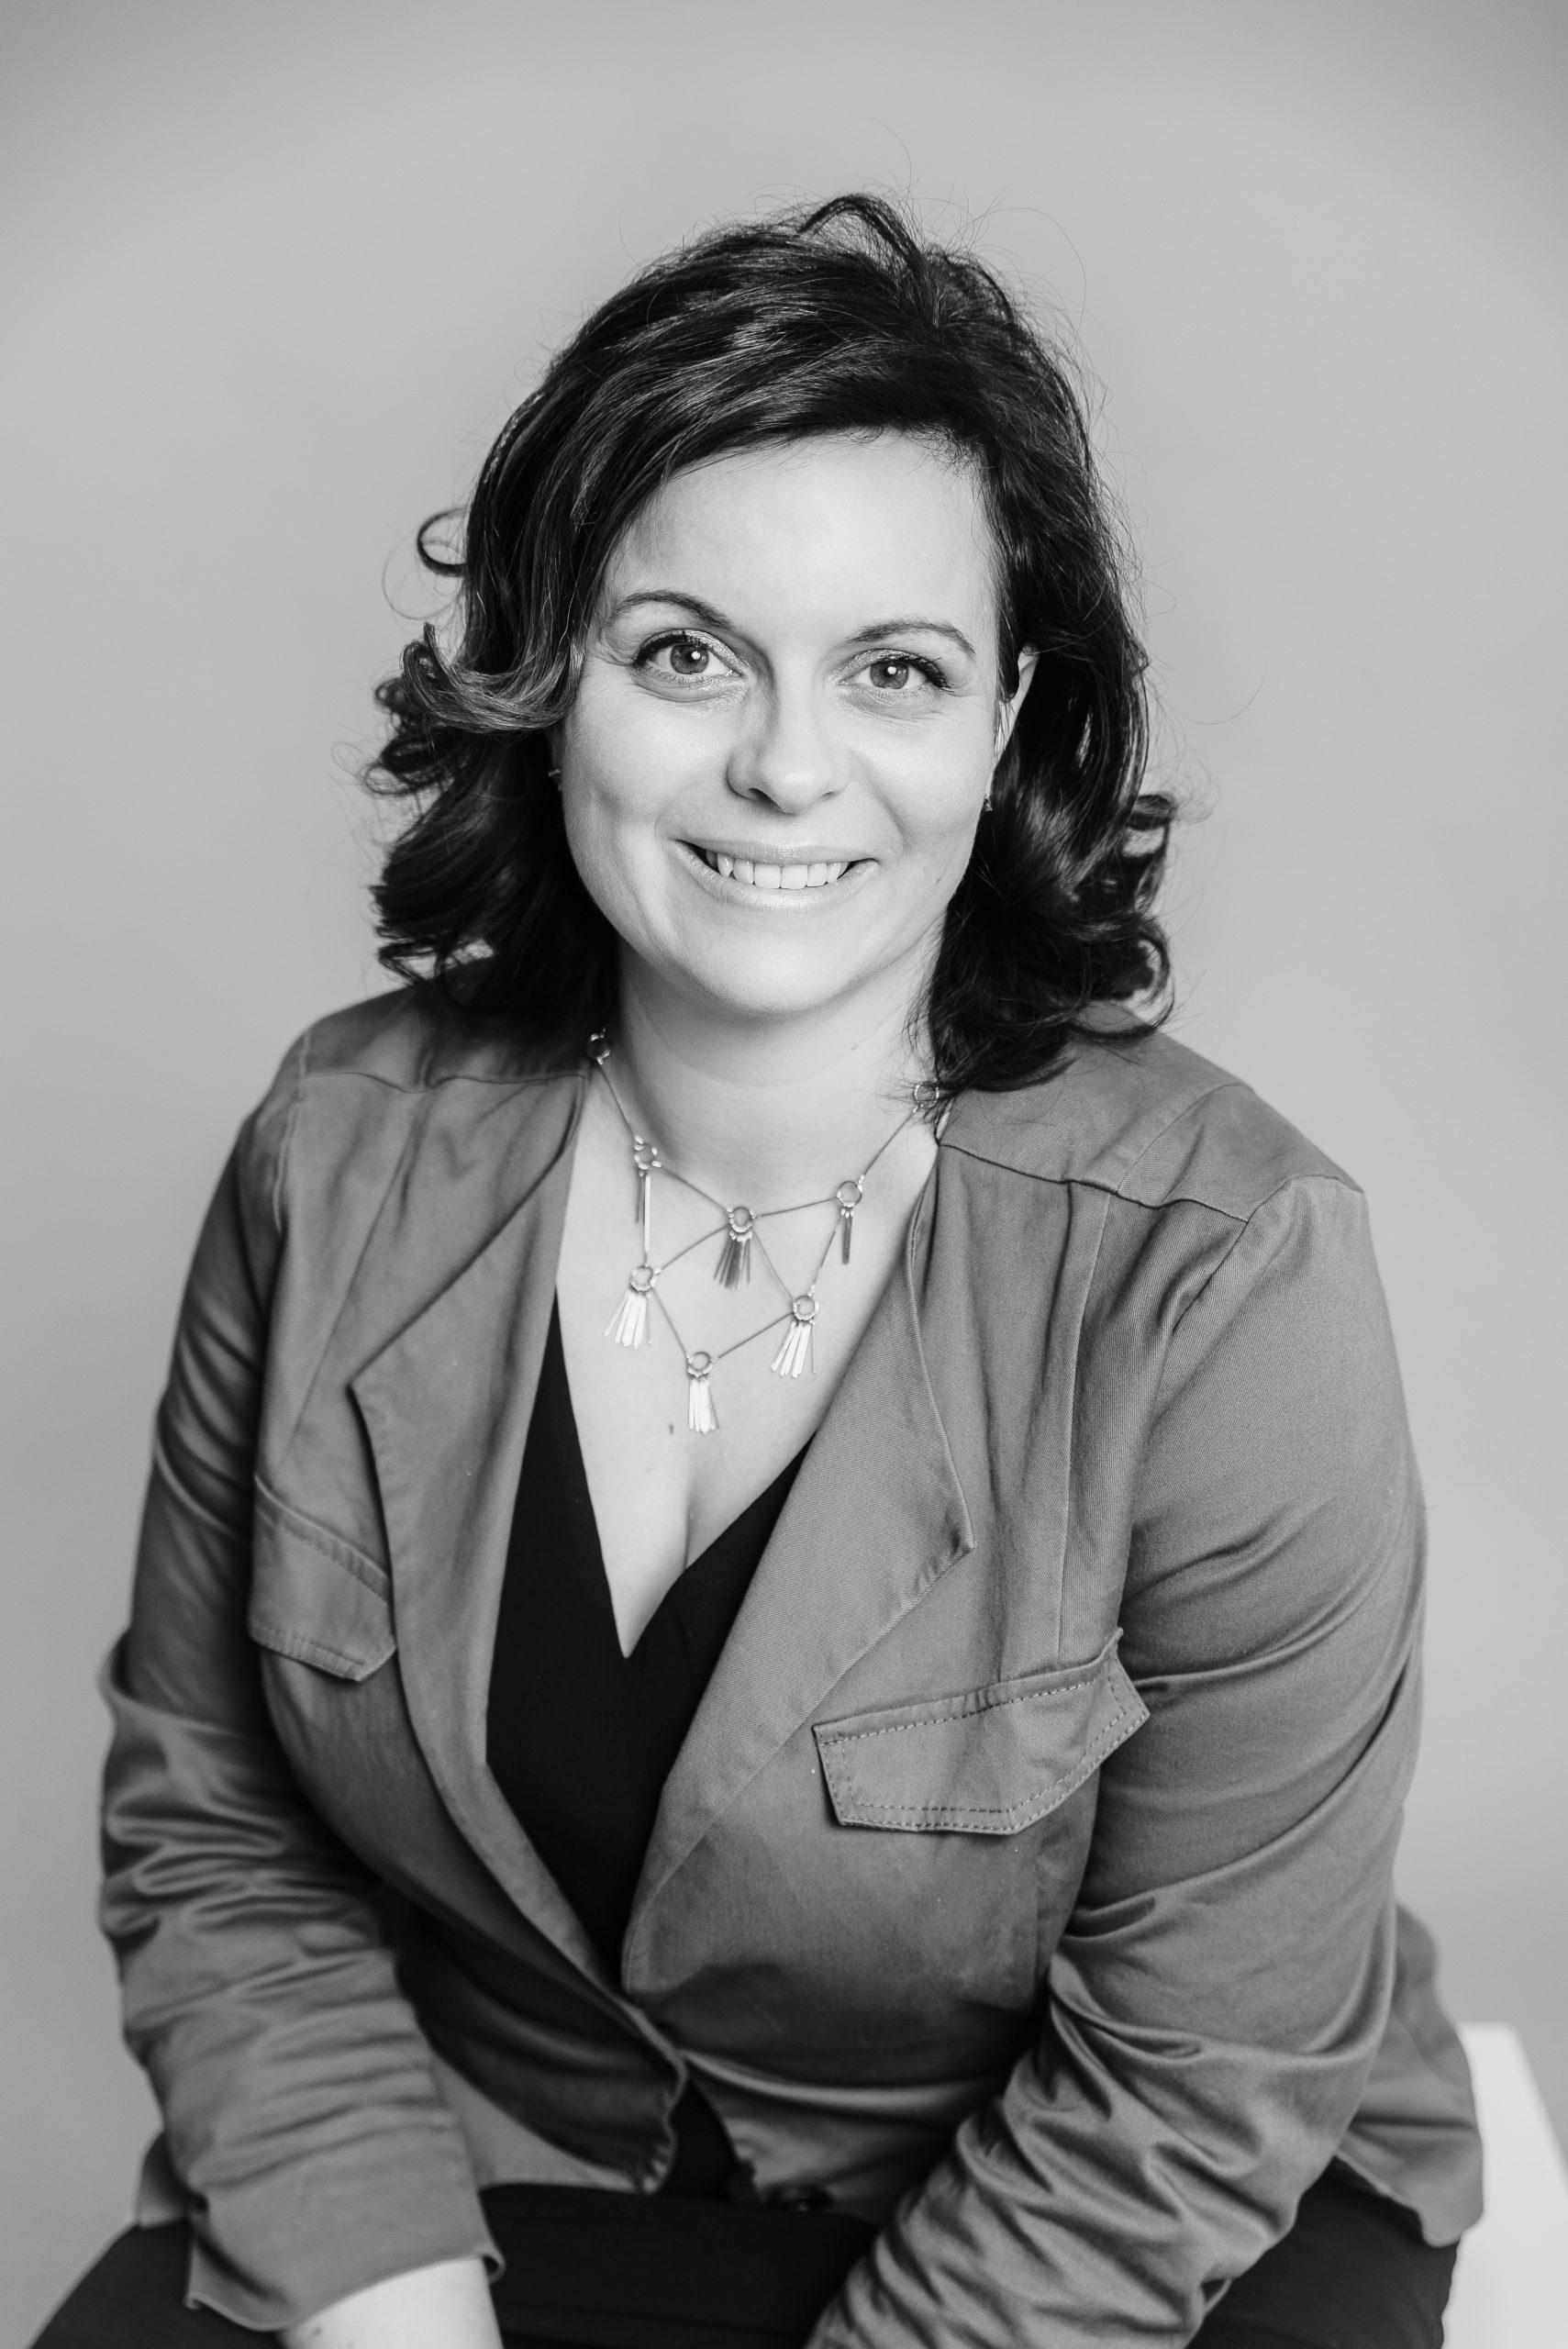 Sabrina Villeneuve